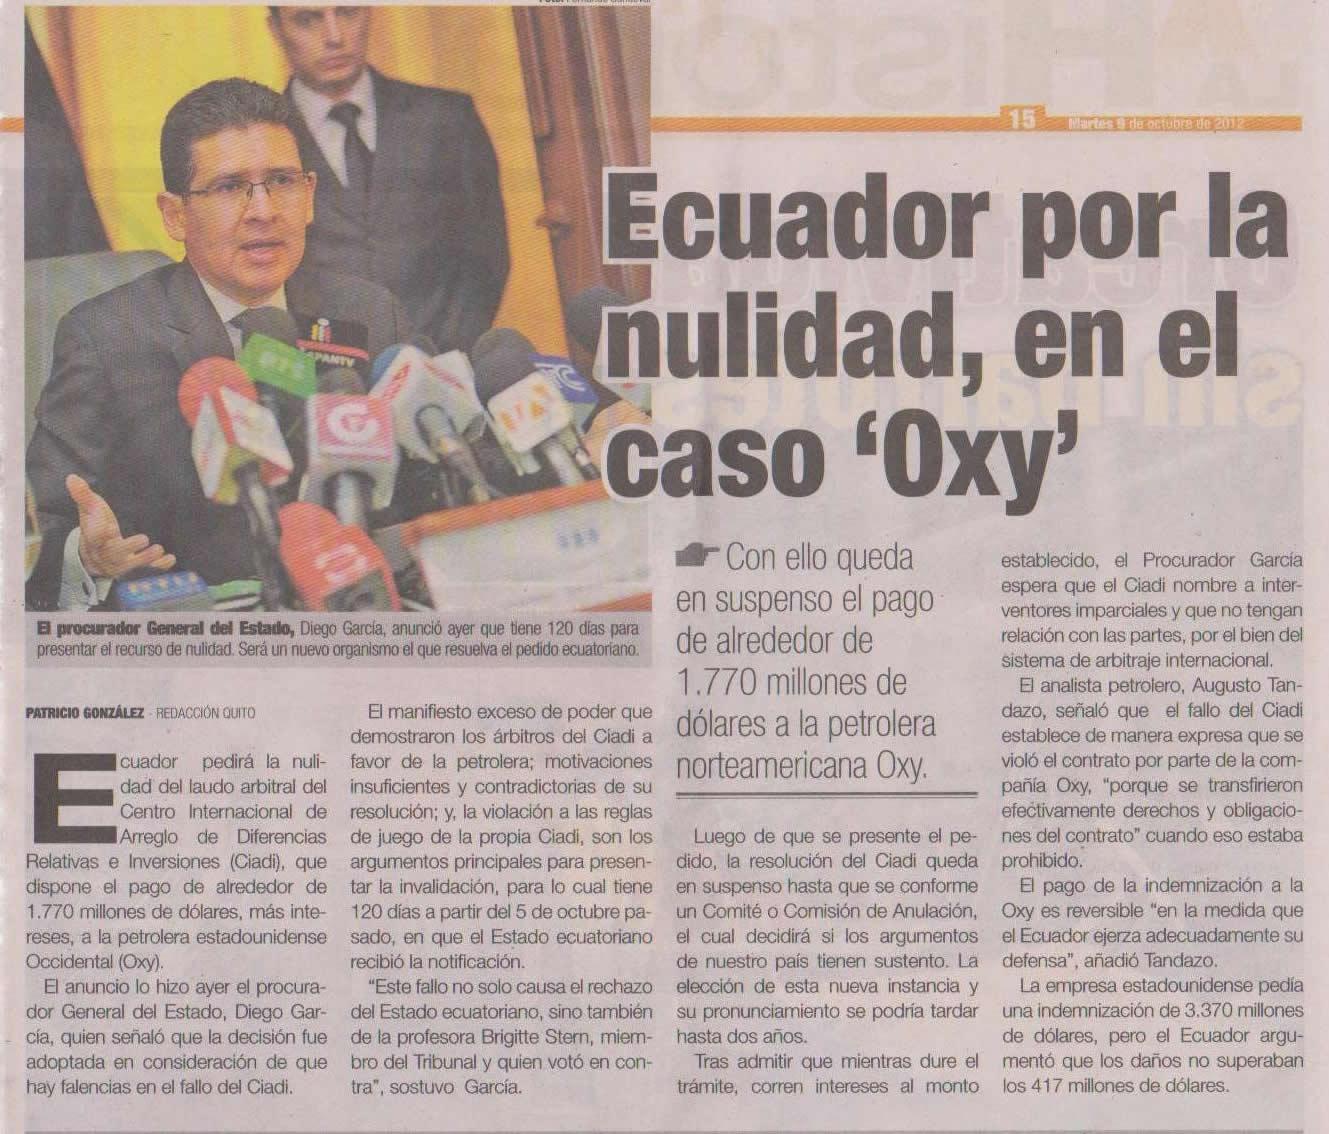 74-PP (Periodico Popular) Ecuador por la nulidad en el caso Oxy 09 10